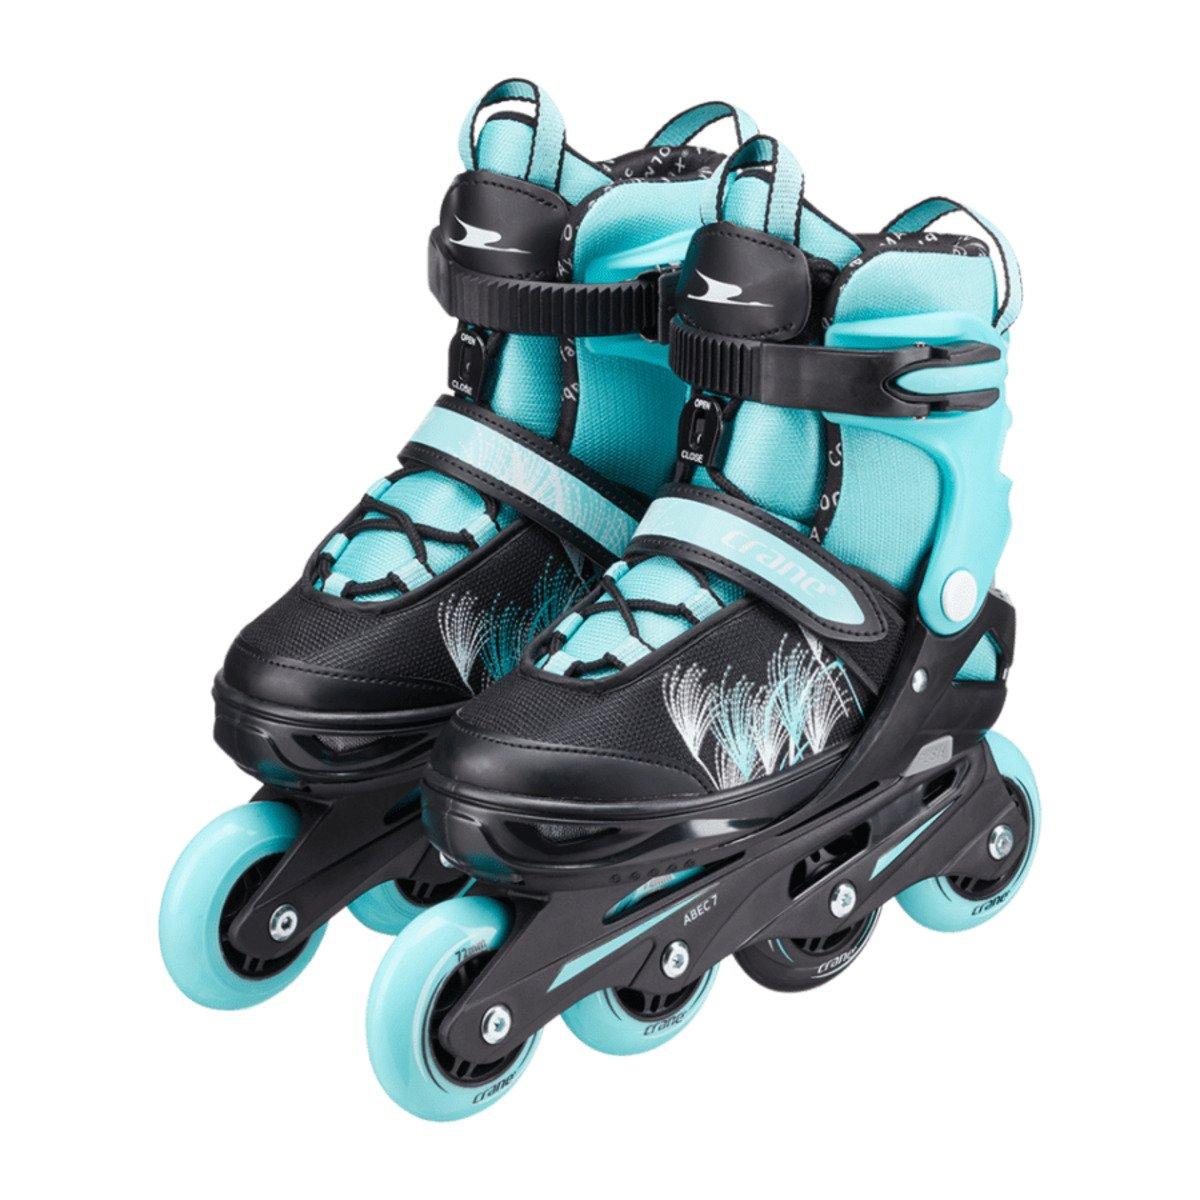 Bild 2 von CRANE     Inline Skates